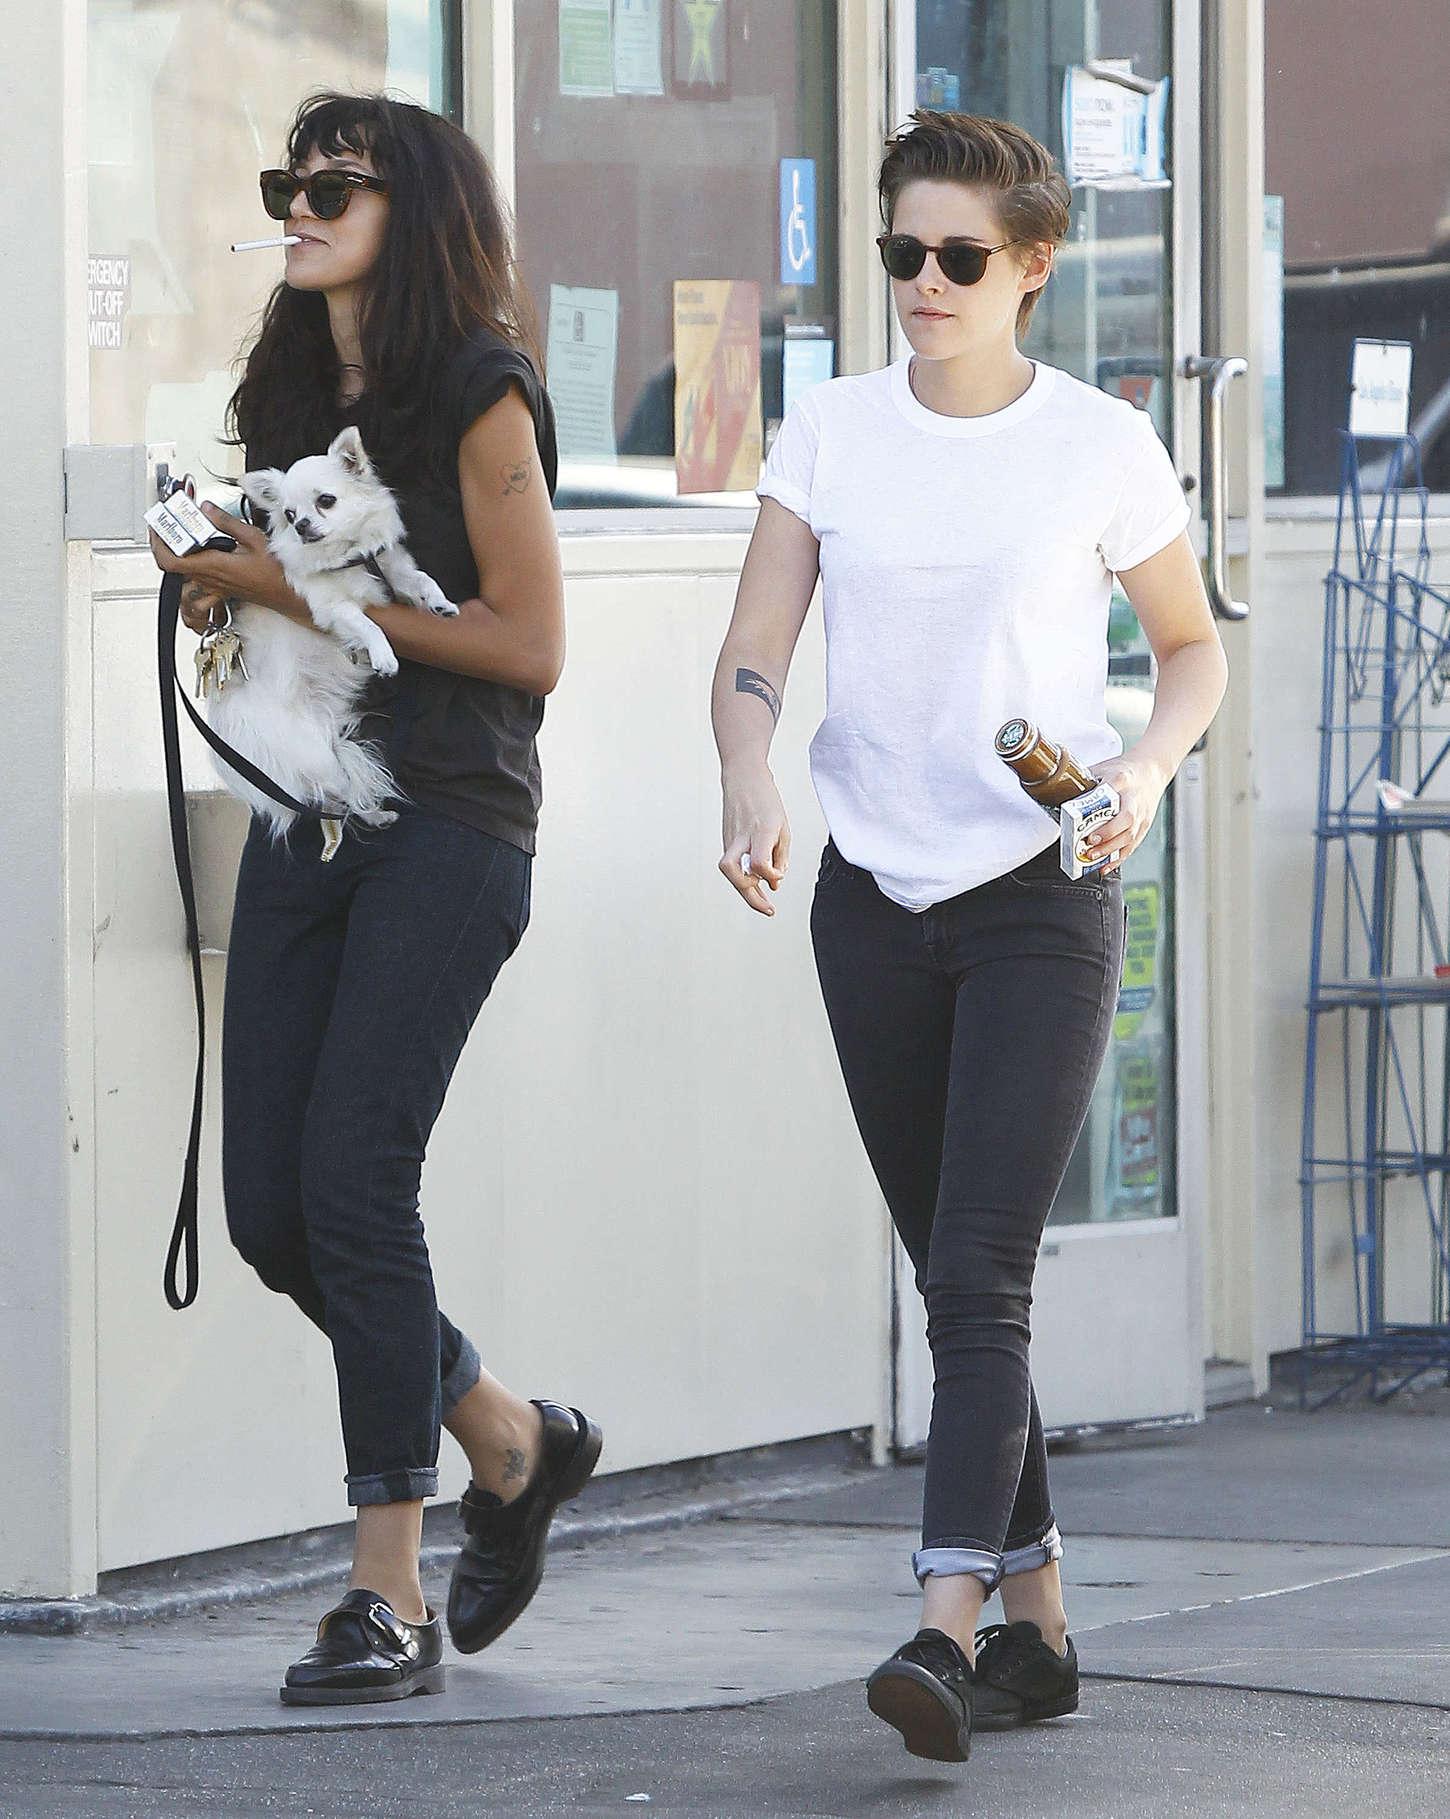 Kristen Stewart Street Style In La 04 Gotceleb